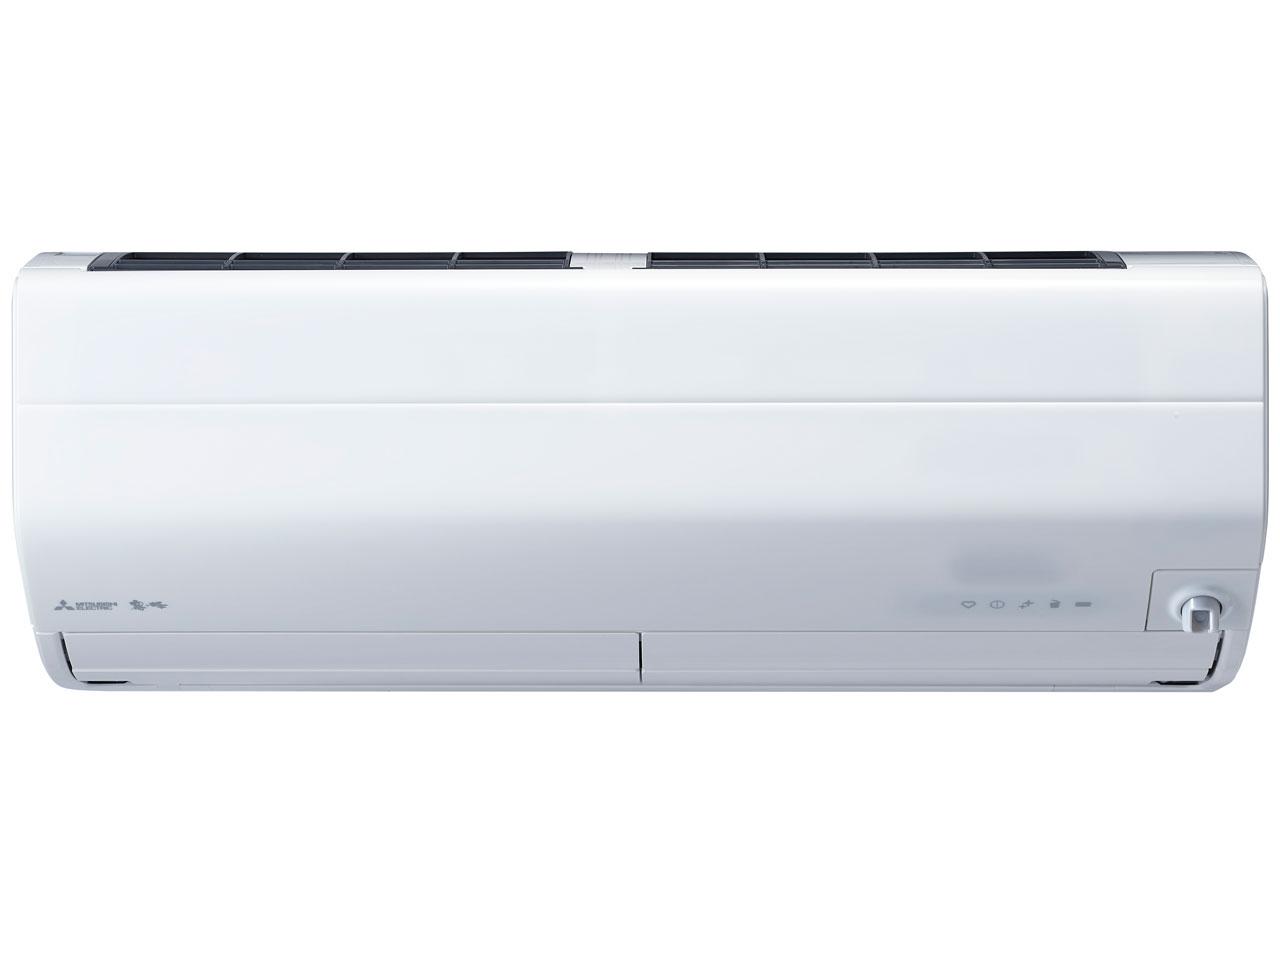 霧ヶ峰 MSZ-ZXV2218-W [ピュアホワイト] の製品画像